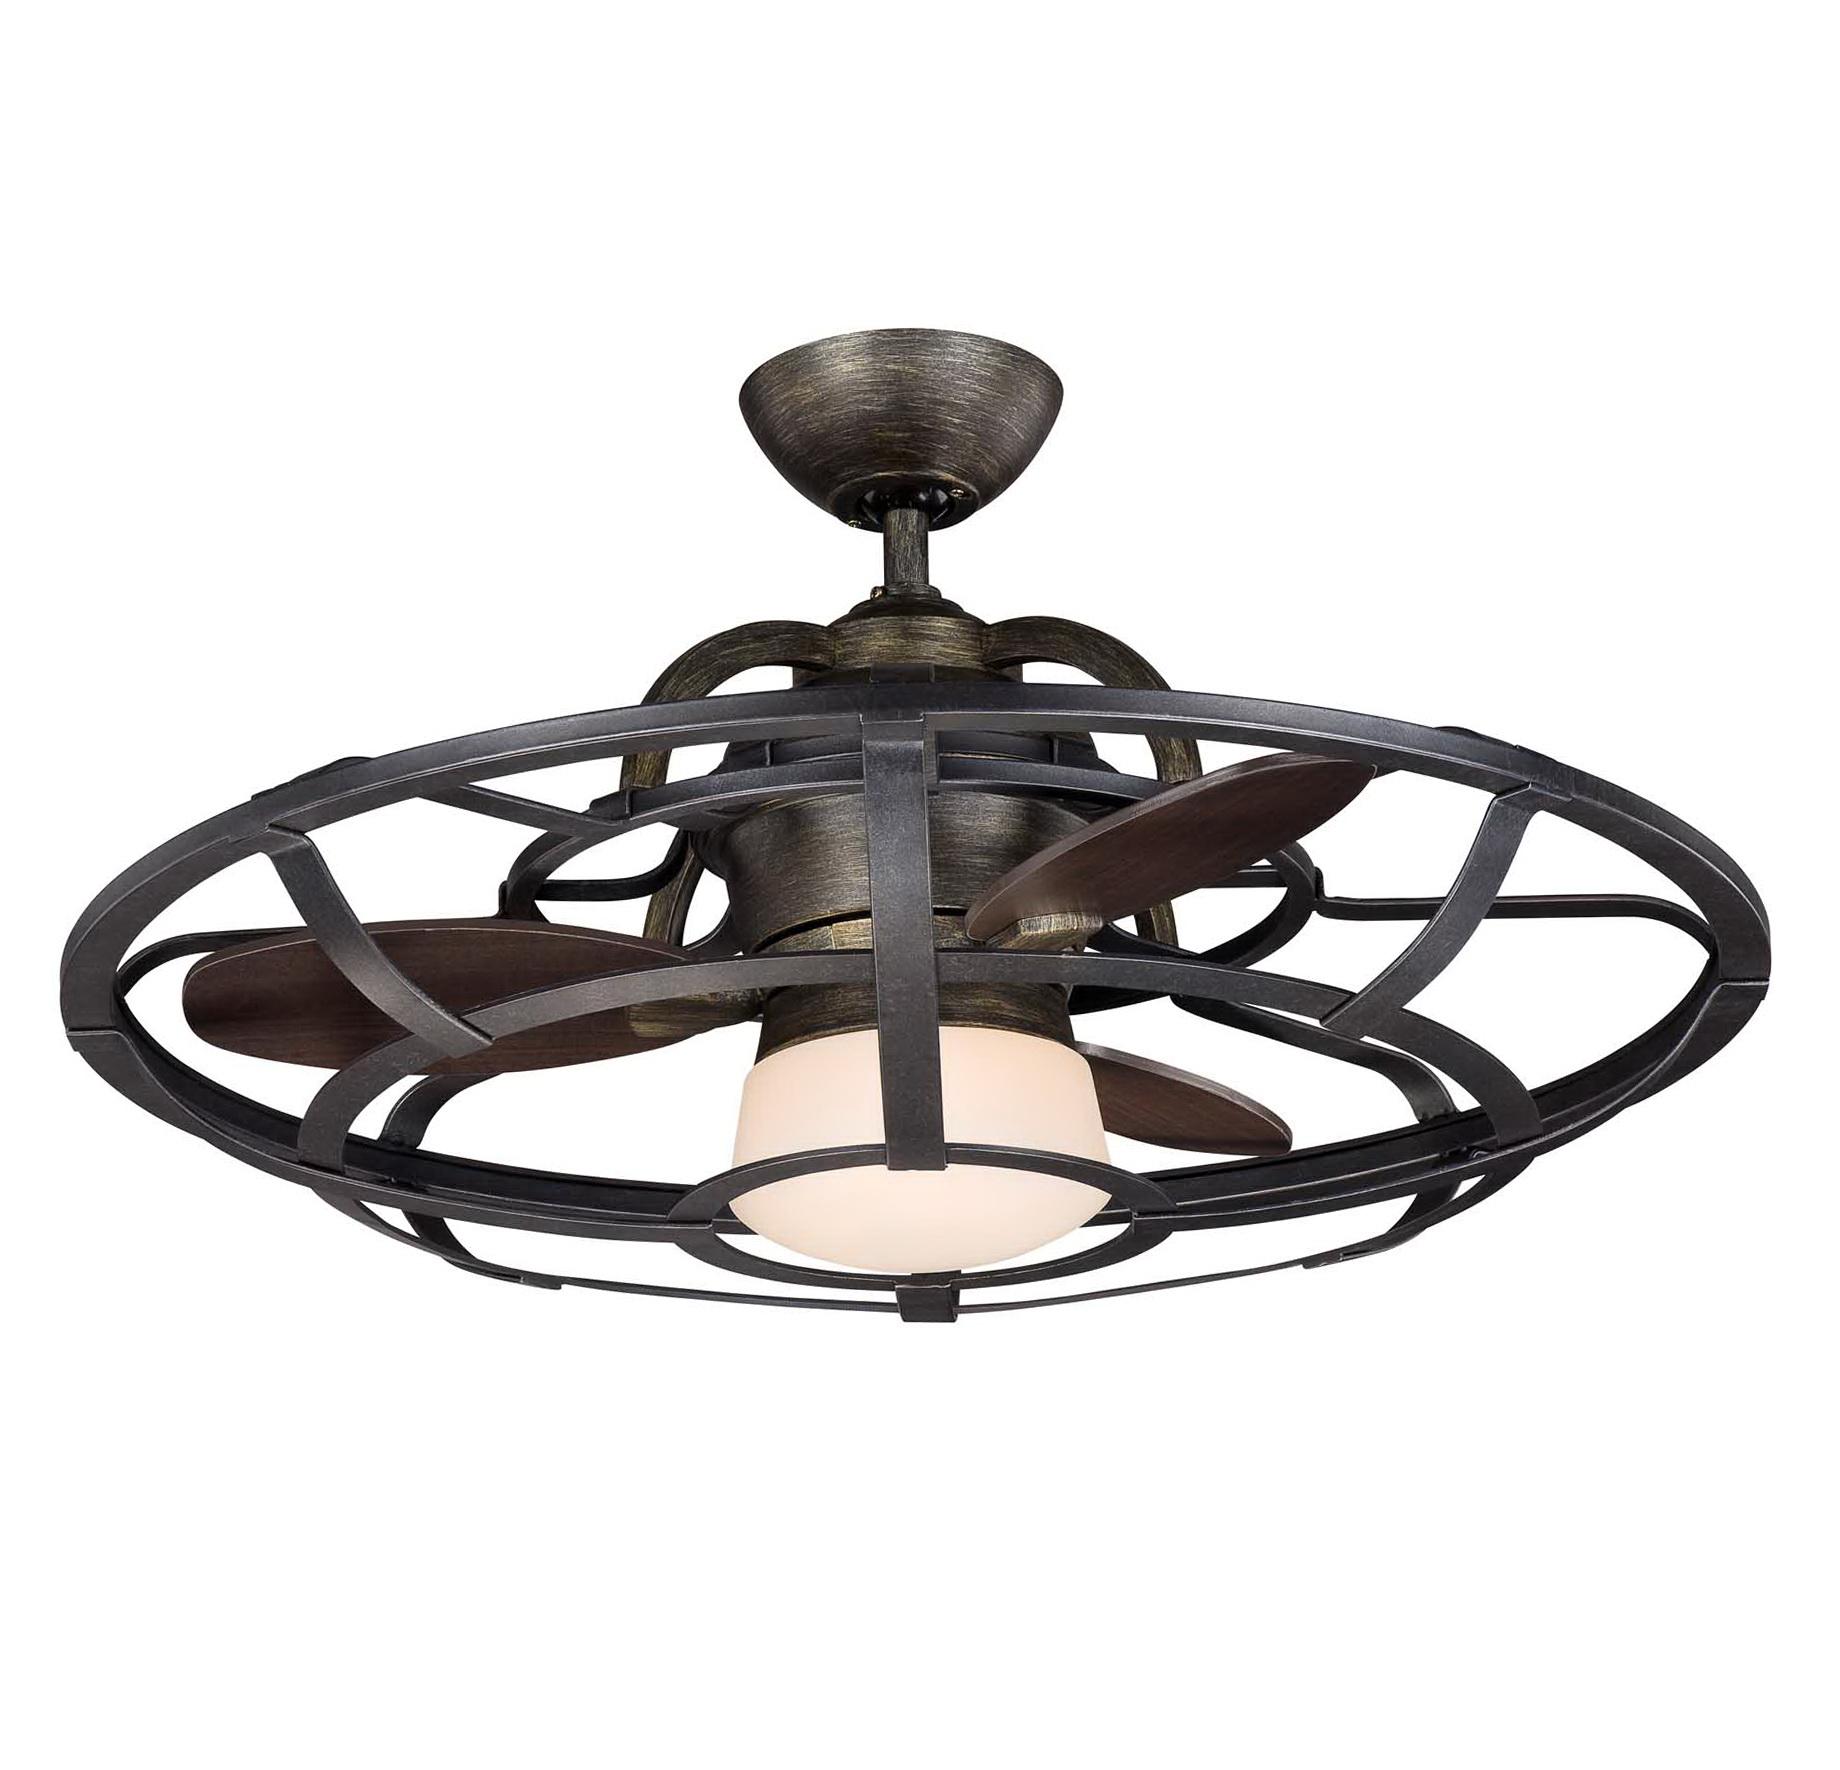 Unique Ceiling Fans : Top ceiling fans unique of warisan lighting